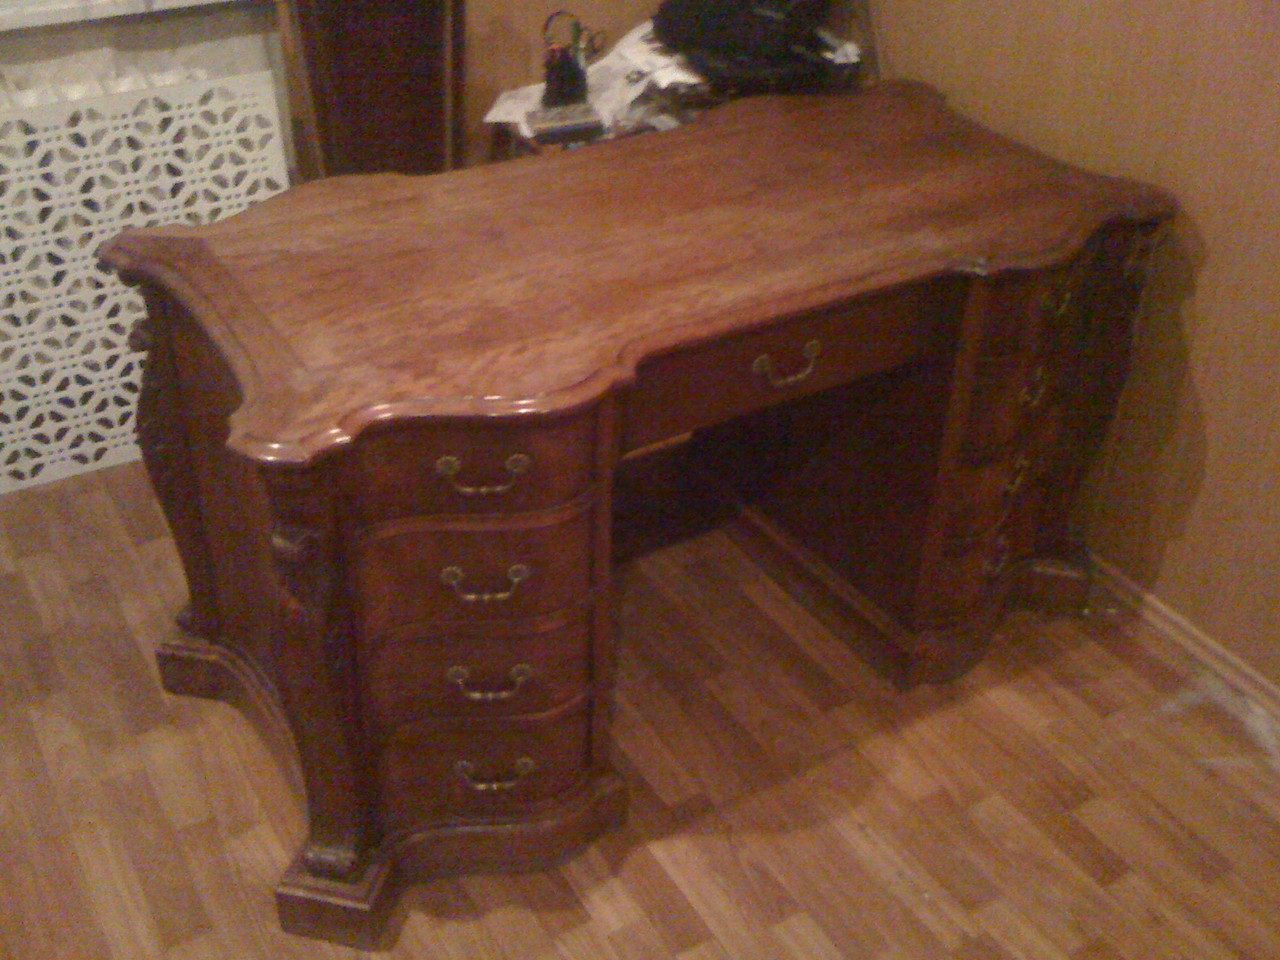 Продается стол министра Великобритании. Репродукция 18 века. Сделан во Франции. Чиппендейл. Черешня.